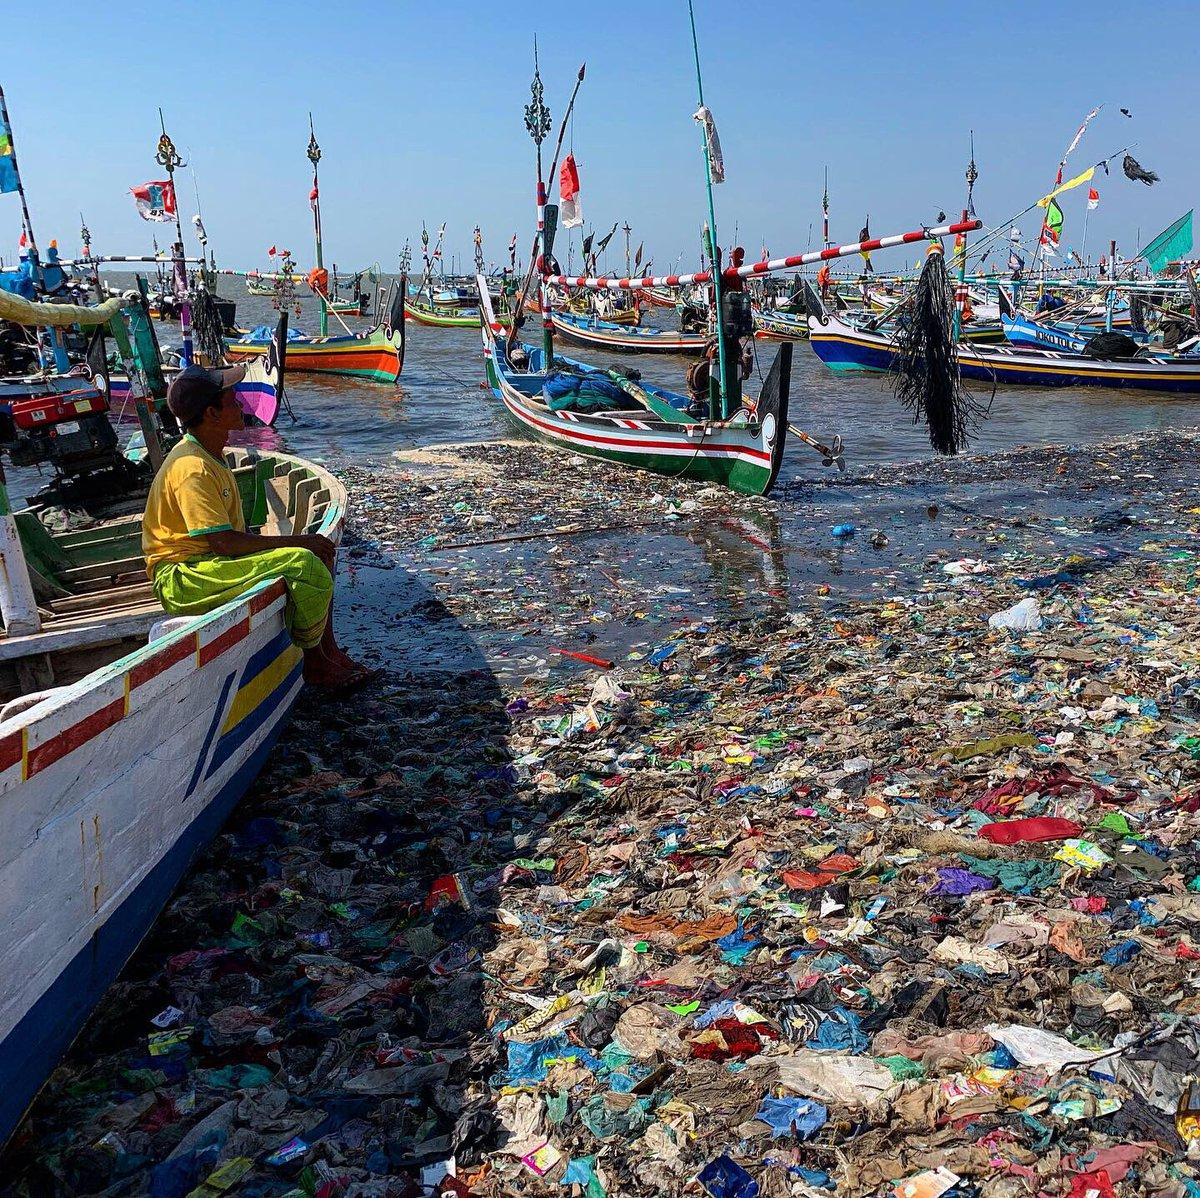 Cet endroit pourrait être un paradis. C'est devenu un enfer. L'enfer du plastique. Photos prises aujourd'hui en Indonésie. Reportage à venir.